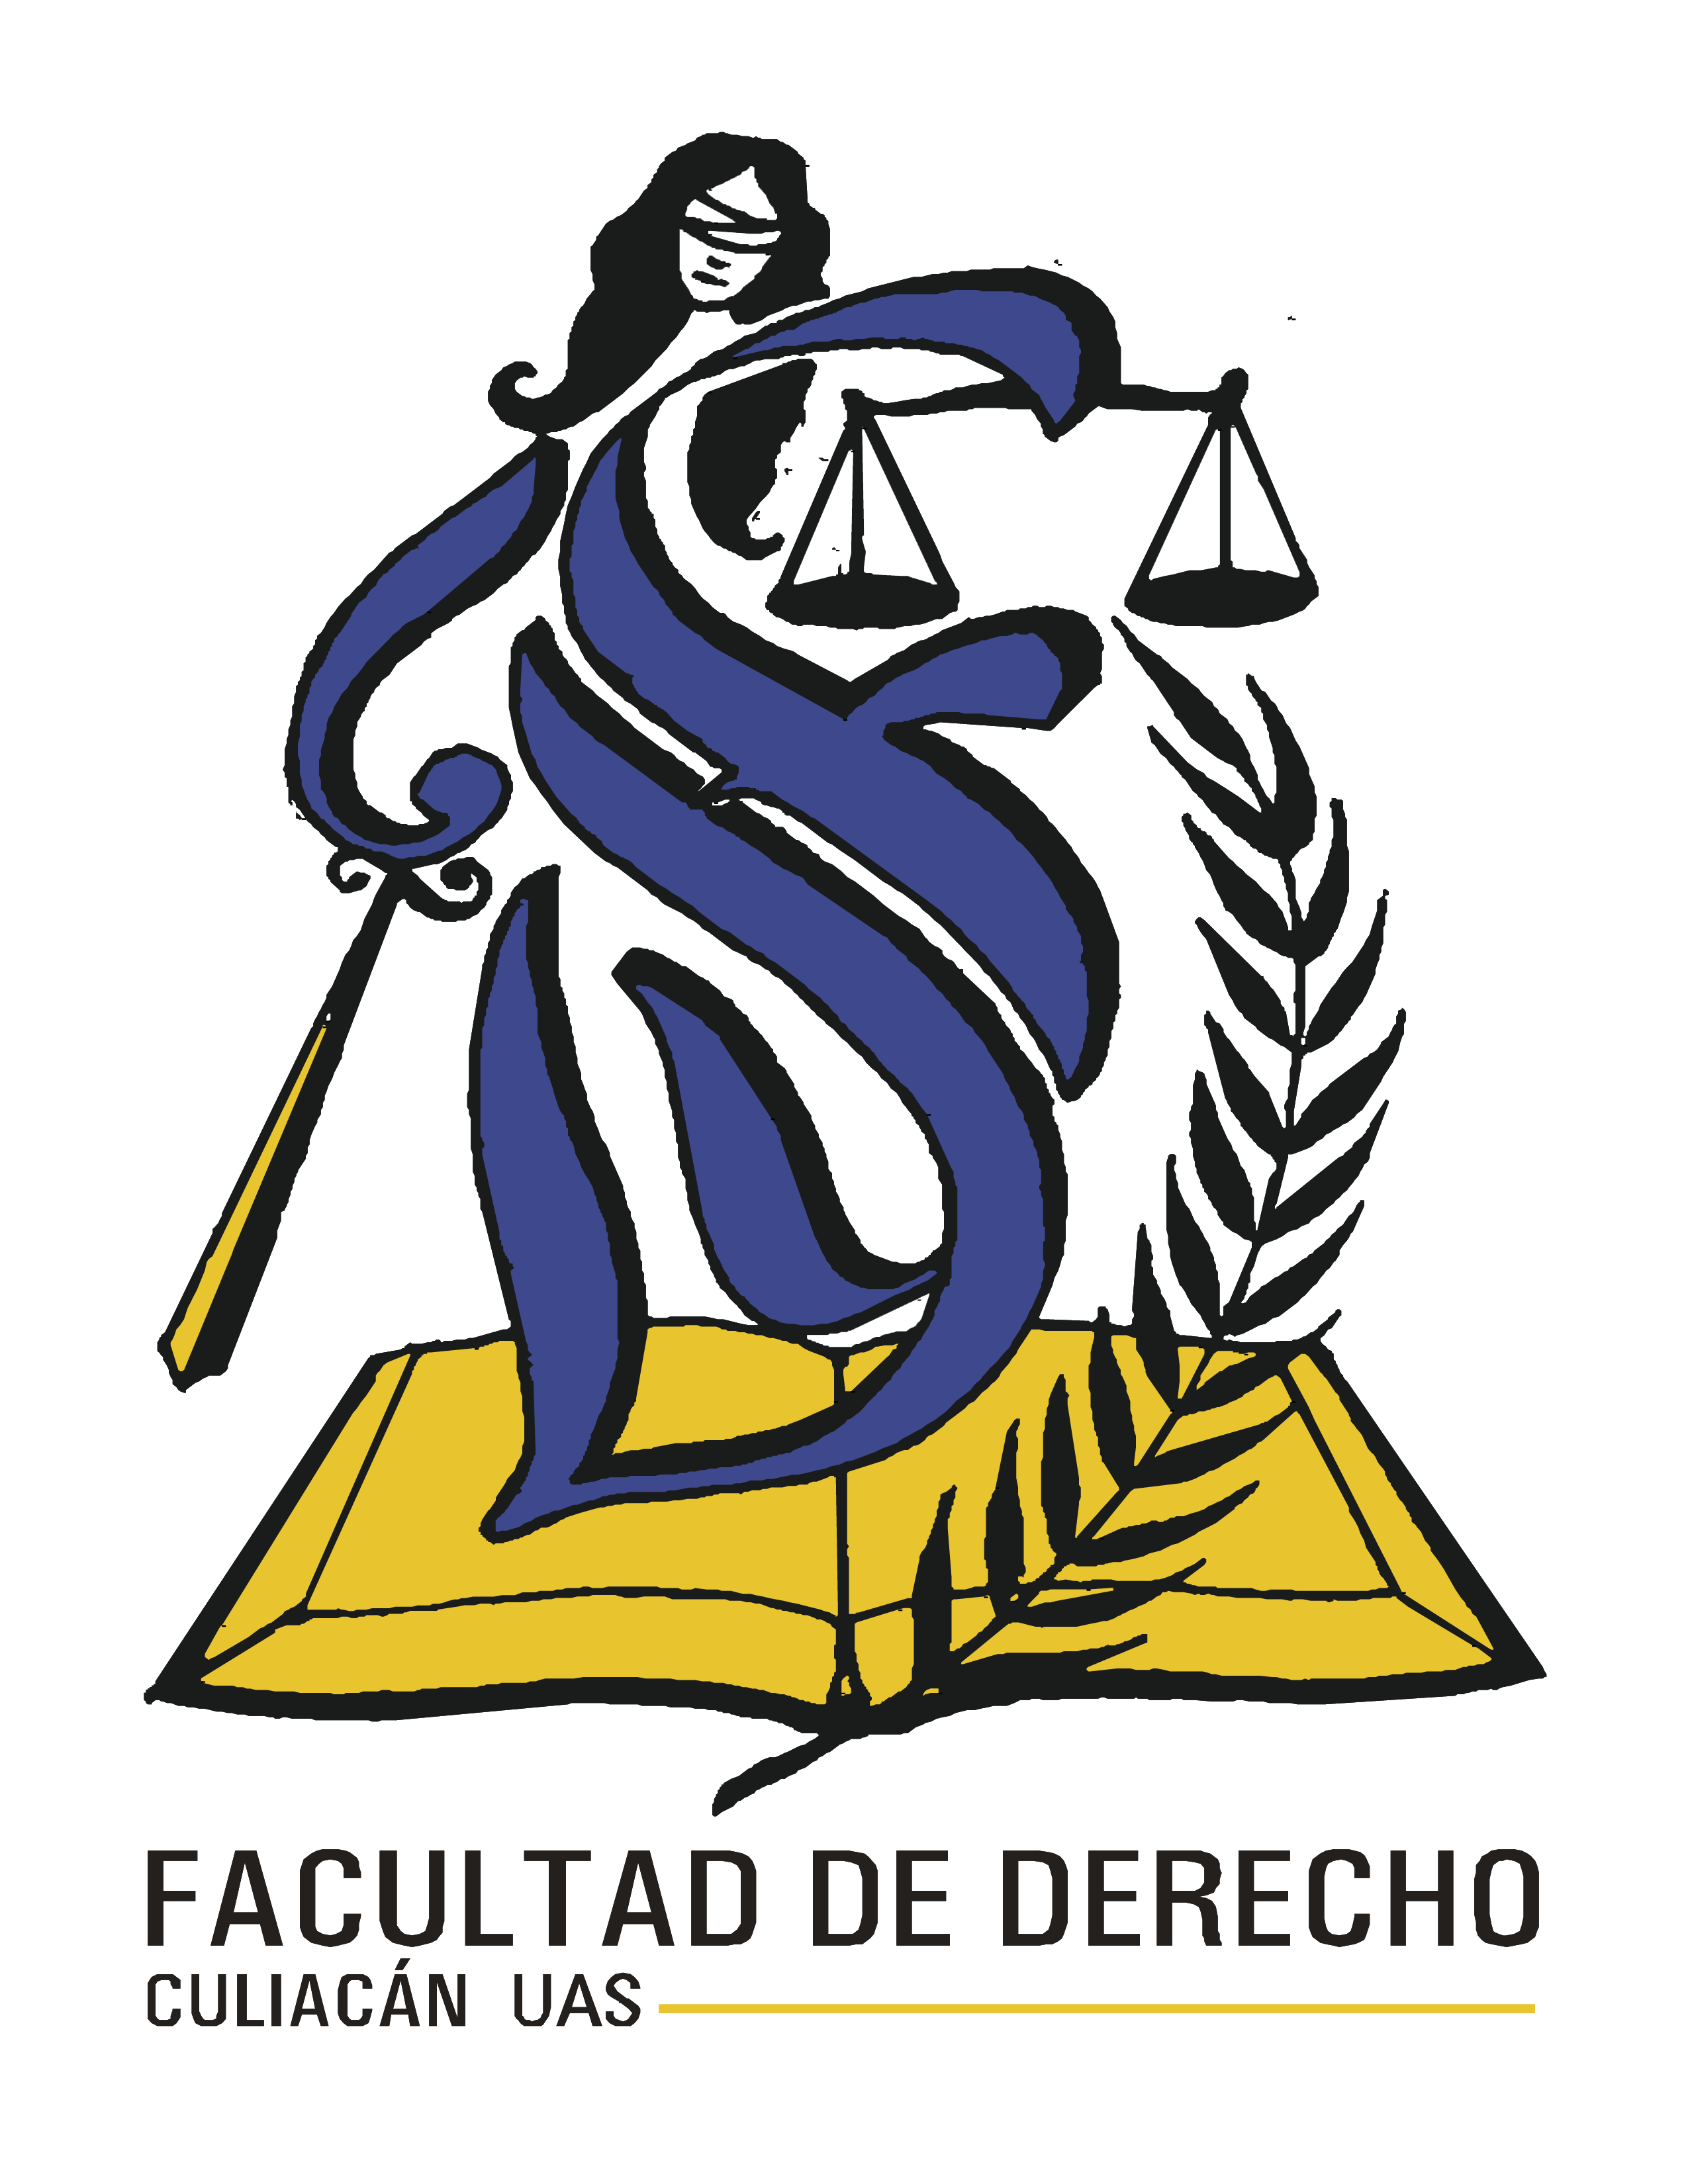 Facultad de Derecho (@DerechoUAS) | Twitter